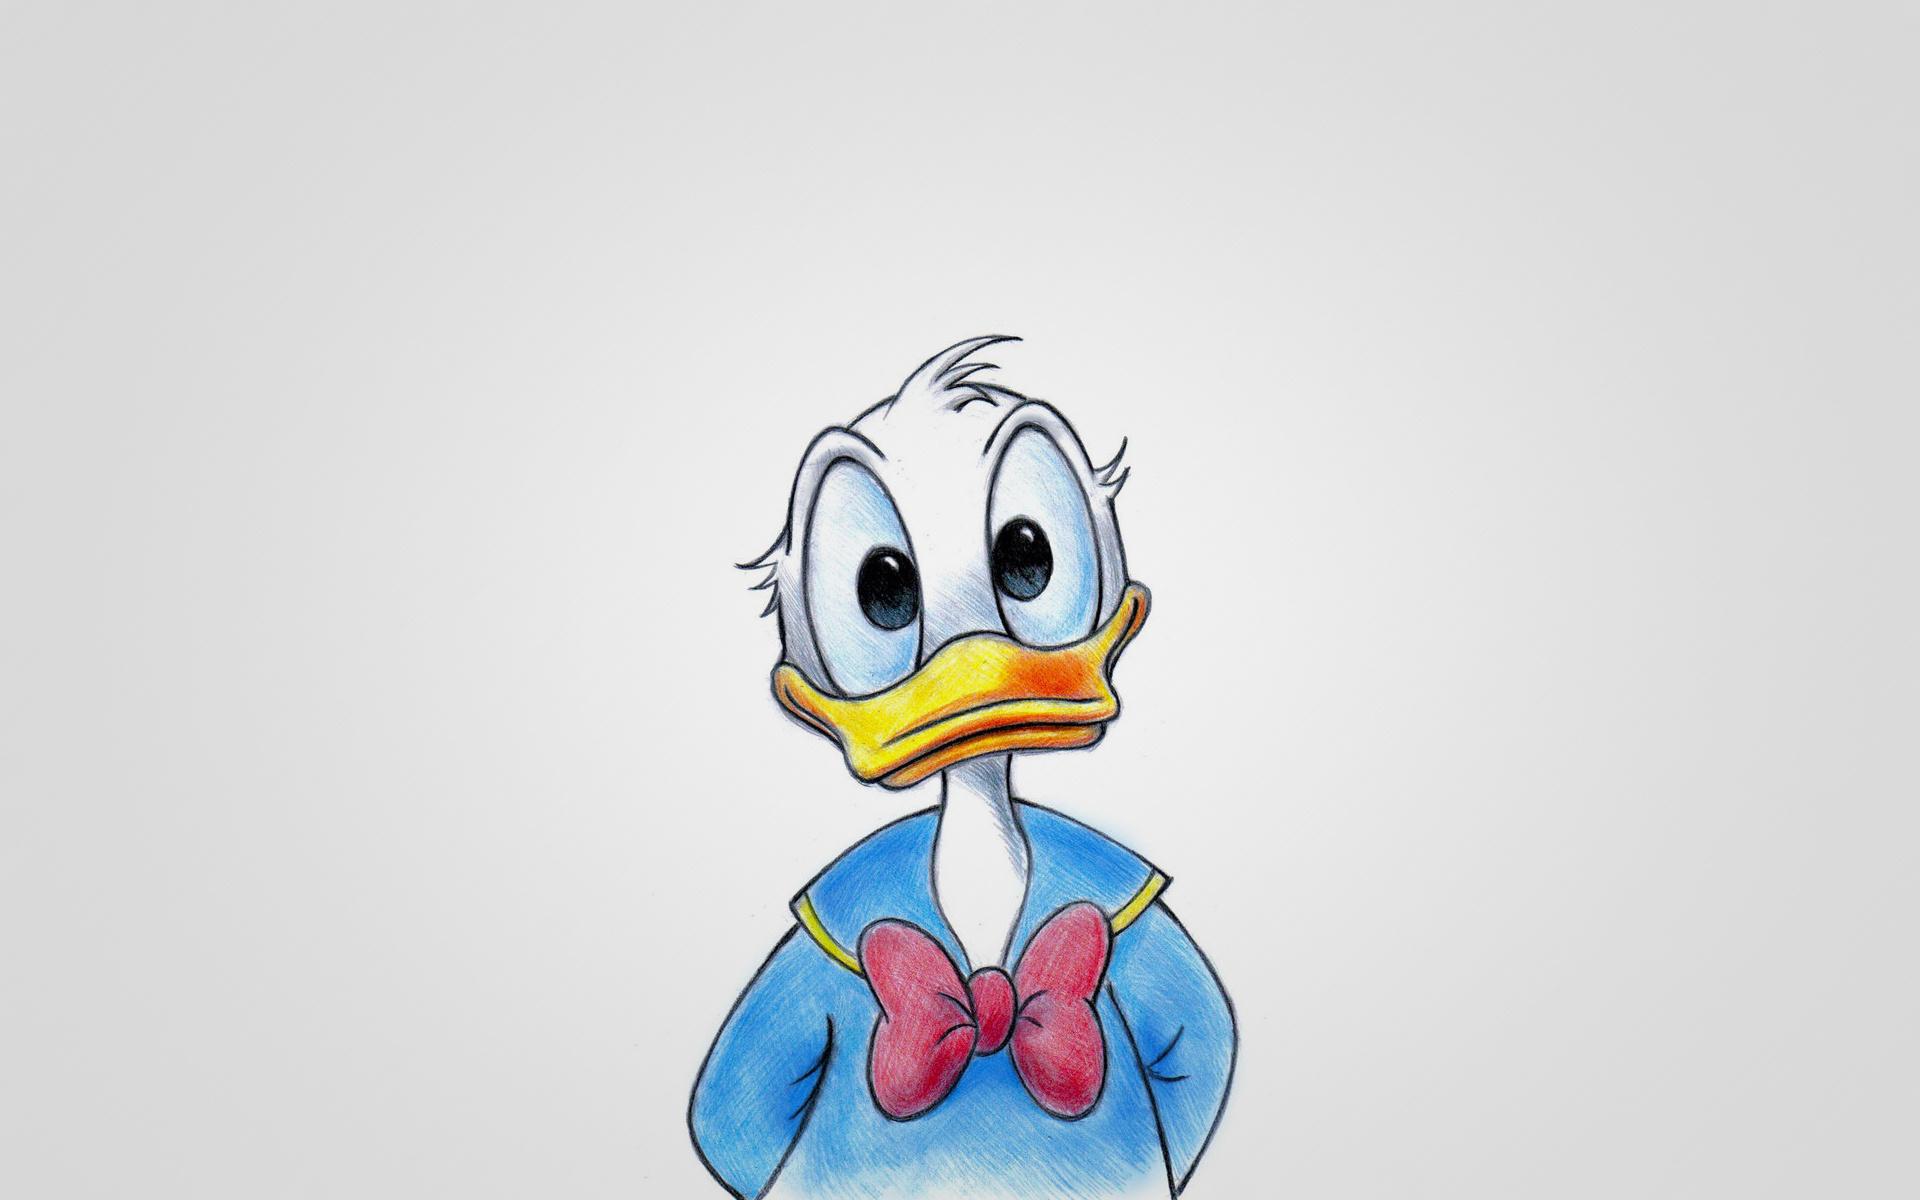 Wallpaper iphone donald duck - Walt Disney Donald Fauntleroy Duck Wallpaper 1920x1200 228482 Wallpaperup